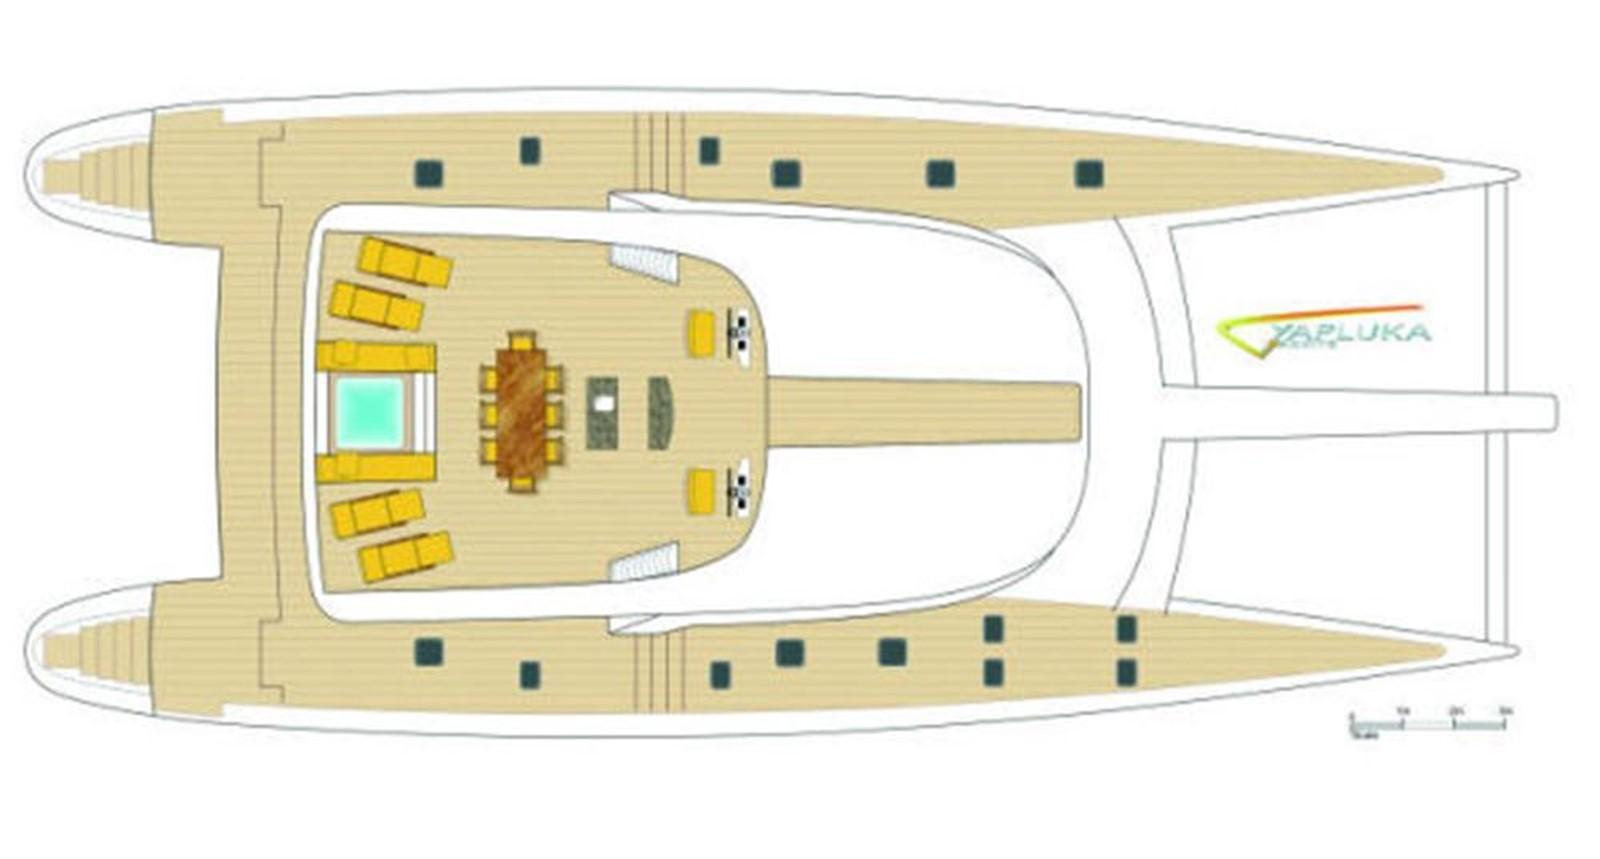 Deck Layout 2008 YAPLUKA 100 DD Catamaran 86940